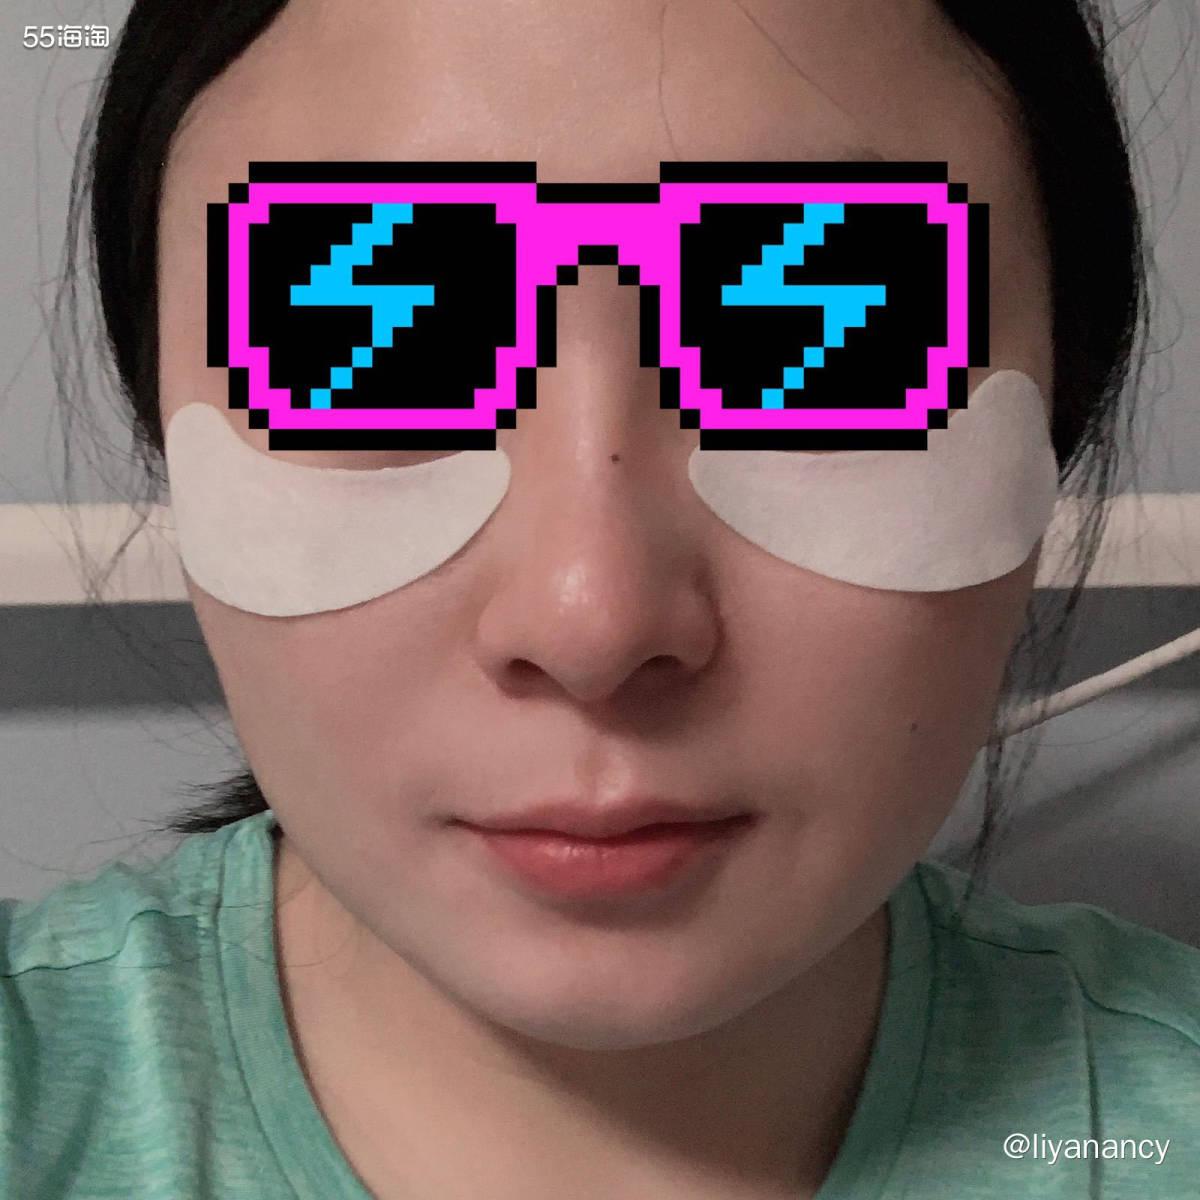 BeautyPro 绿茶胶原蛋白眼膜  ✨这个眼膜是新收到的